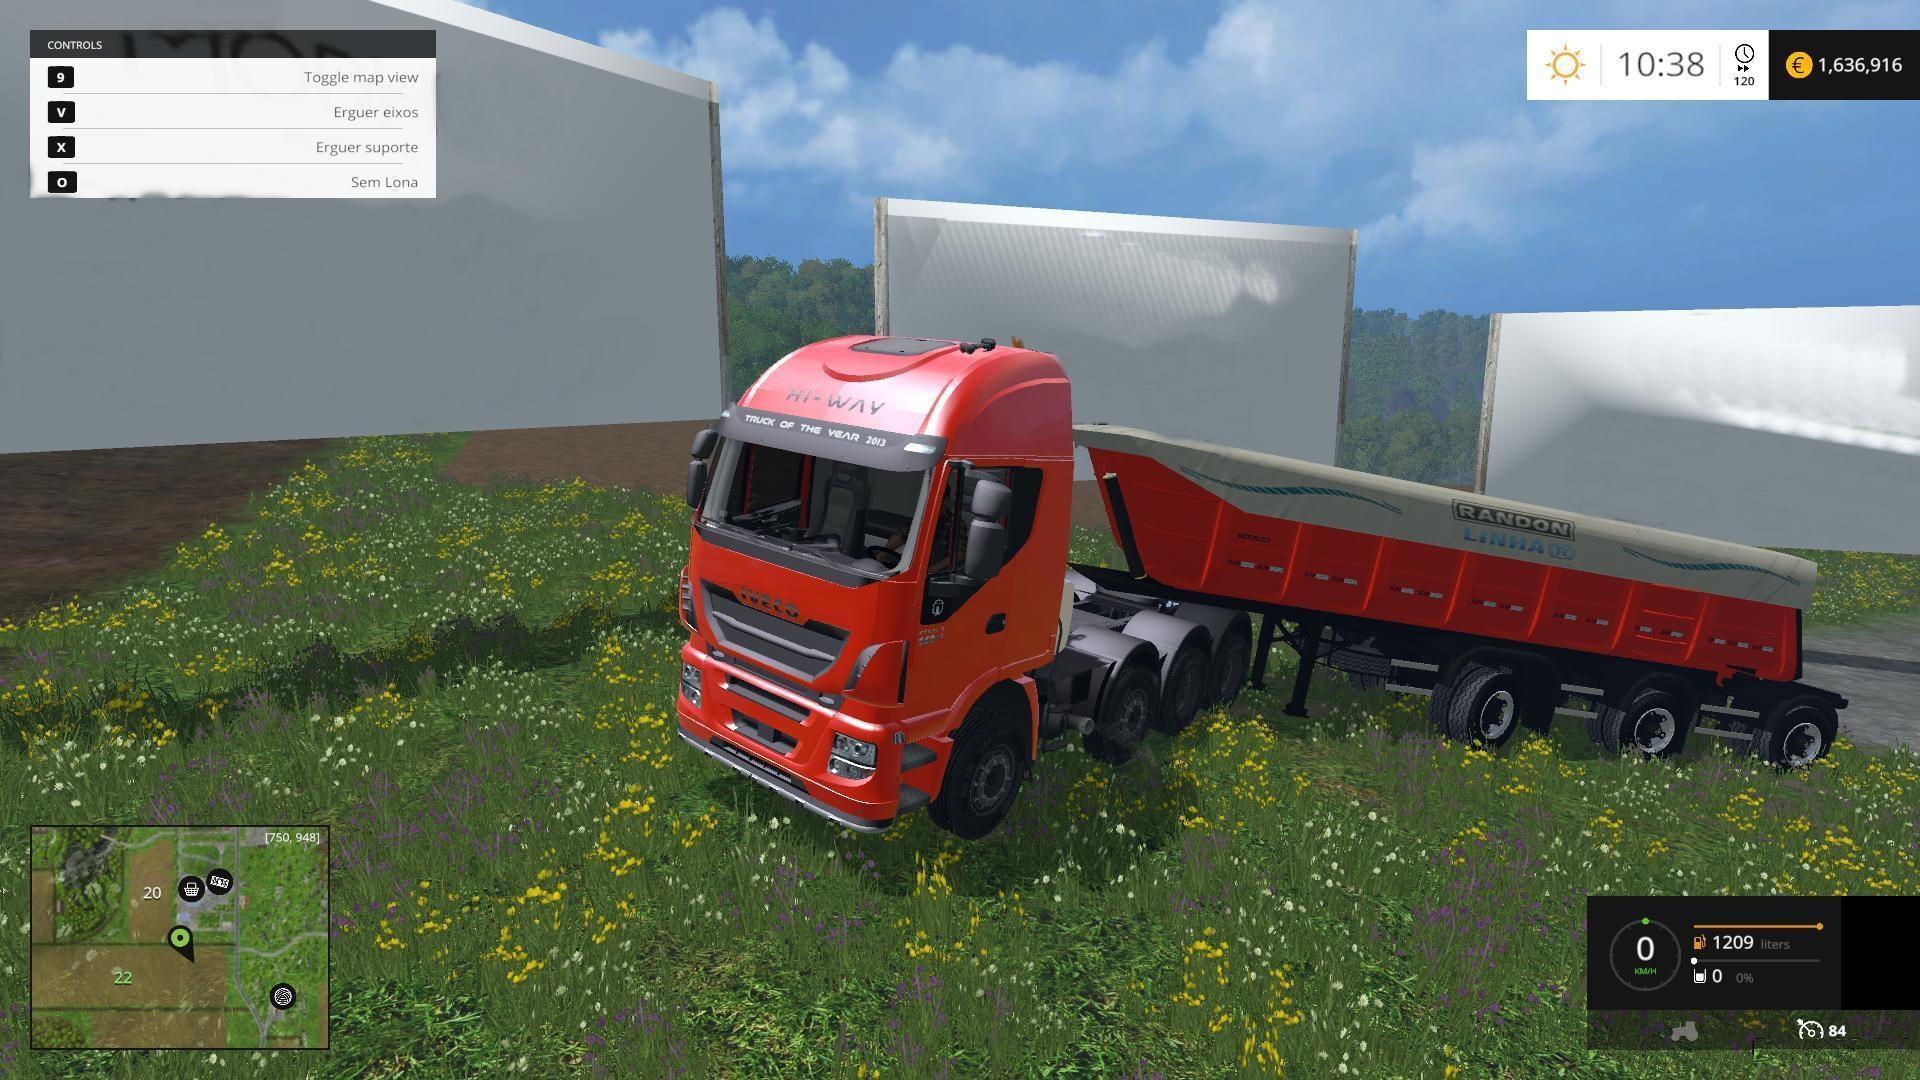 1424170565_iveco-stralis-560-8x4-trailer-v1_1-57